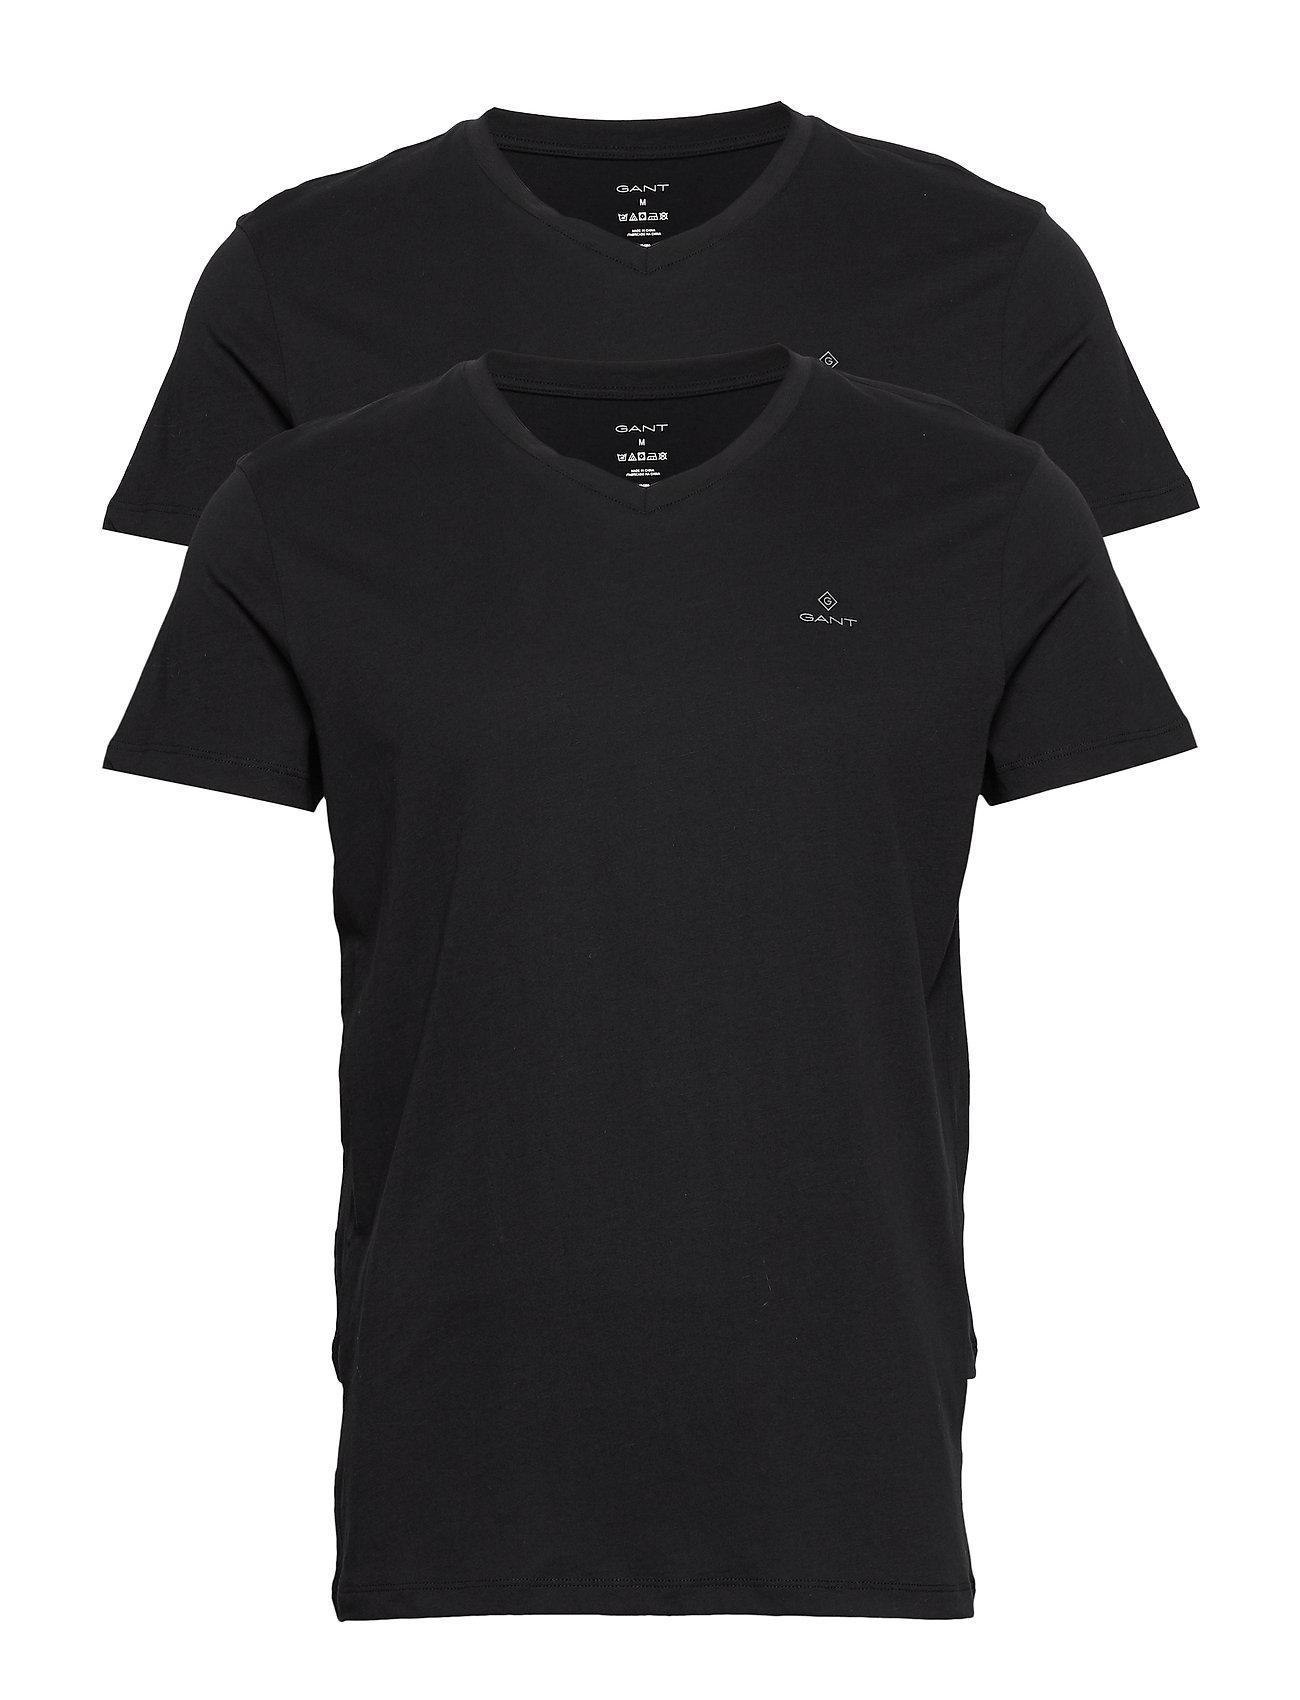 Gant BASIC 2-PACK V-NECK T-SHIRT - BLACK